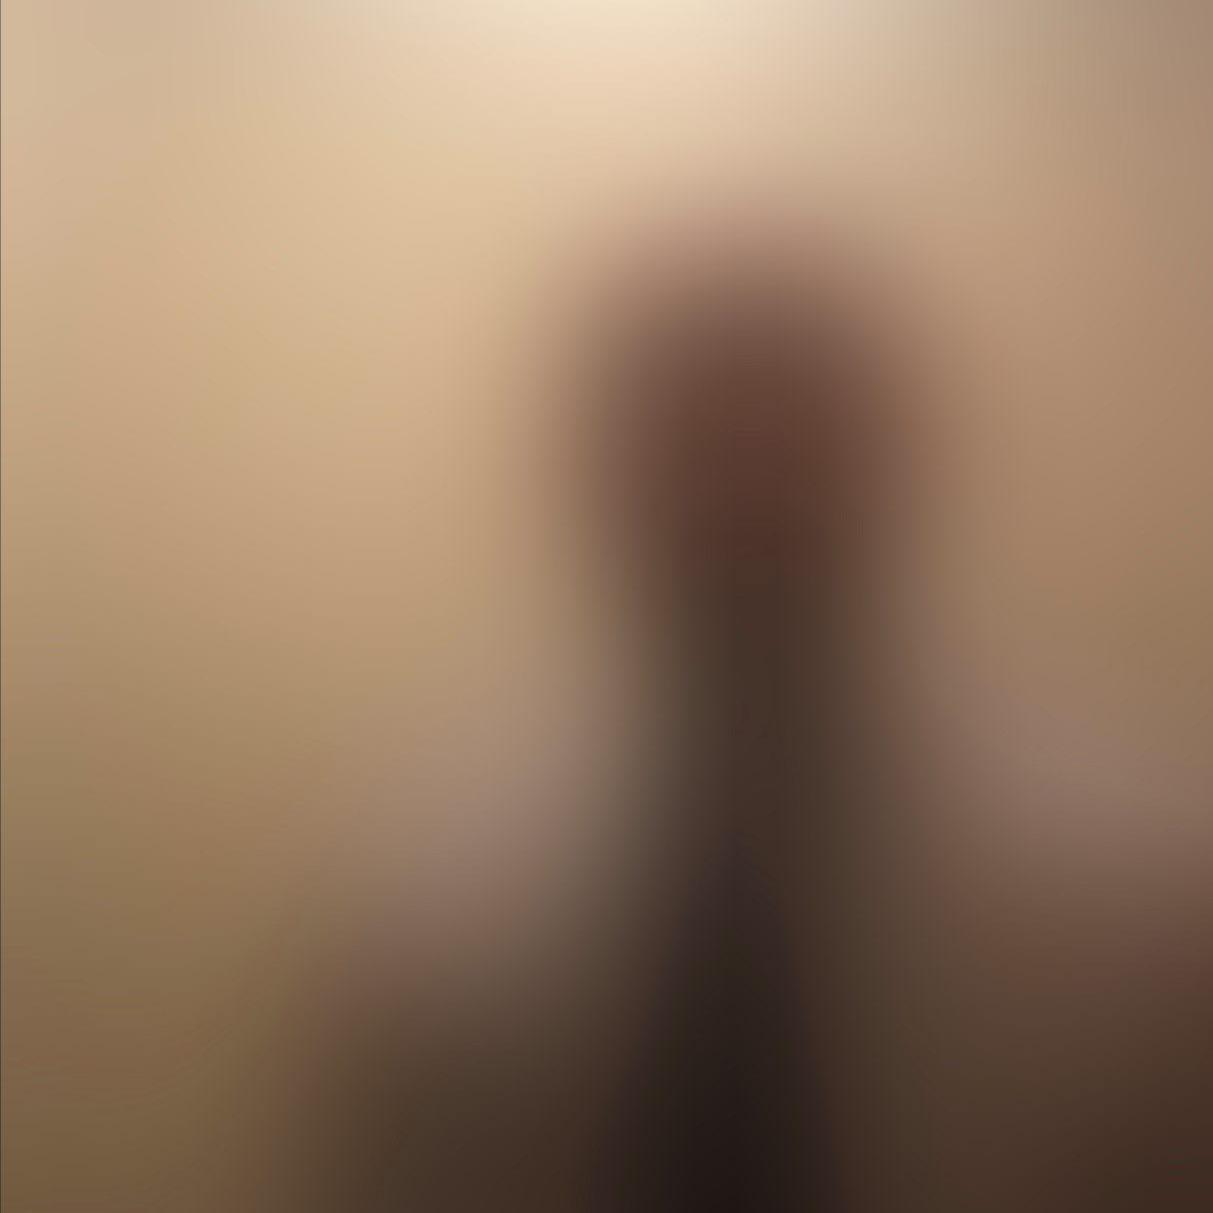 https://d2yht872mhrlra.cloudfront.net/user/165955/user_165955.jpg